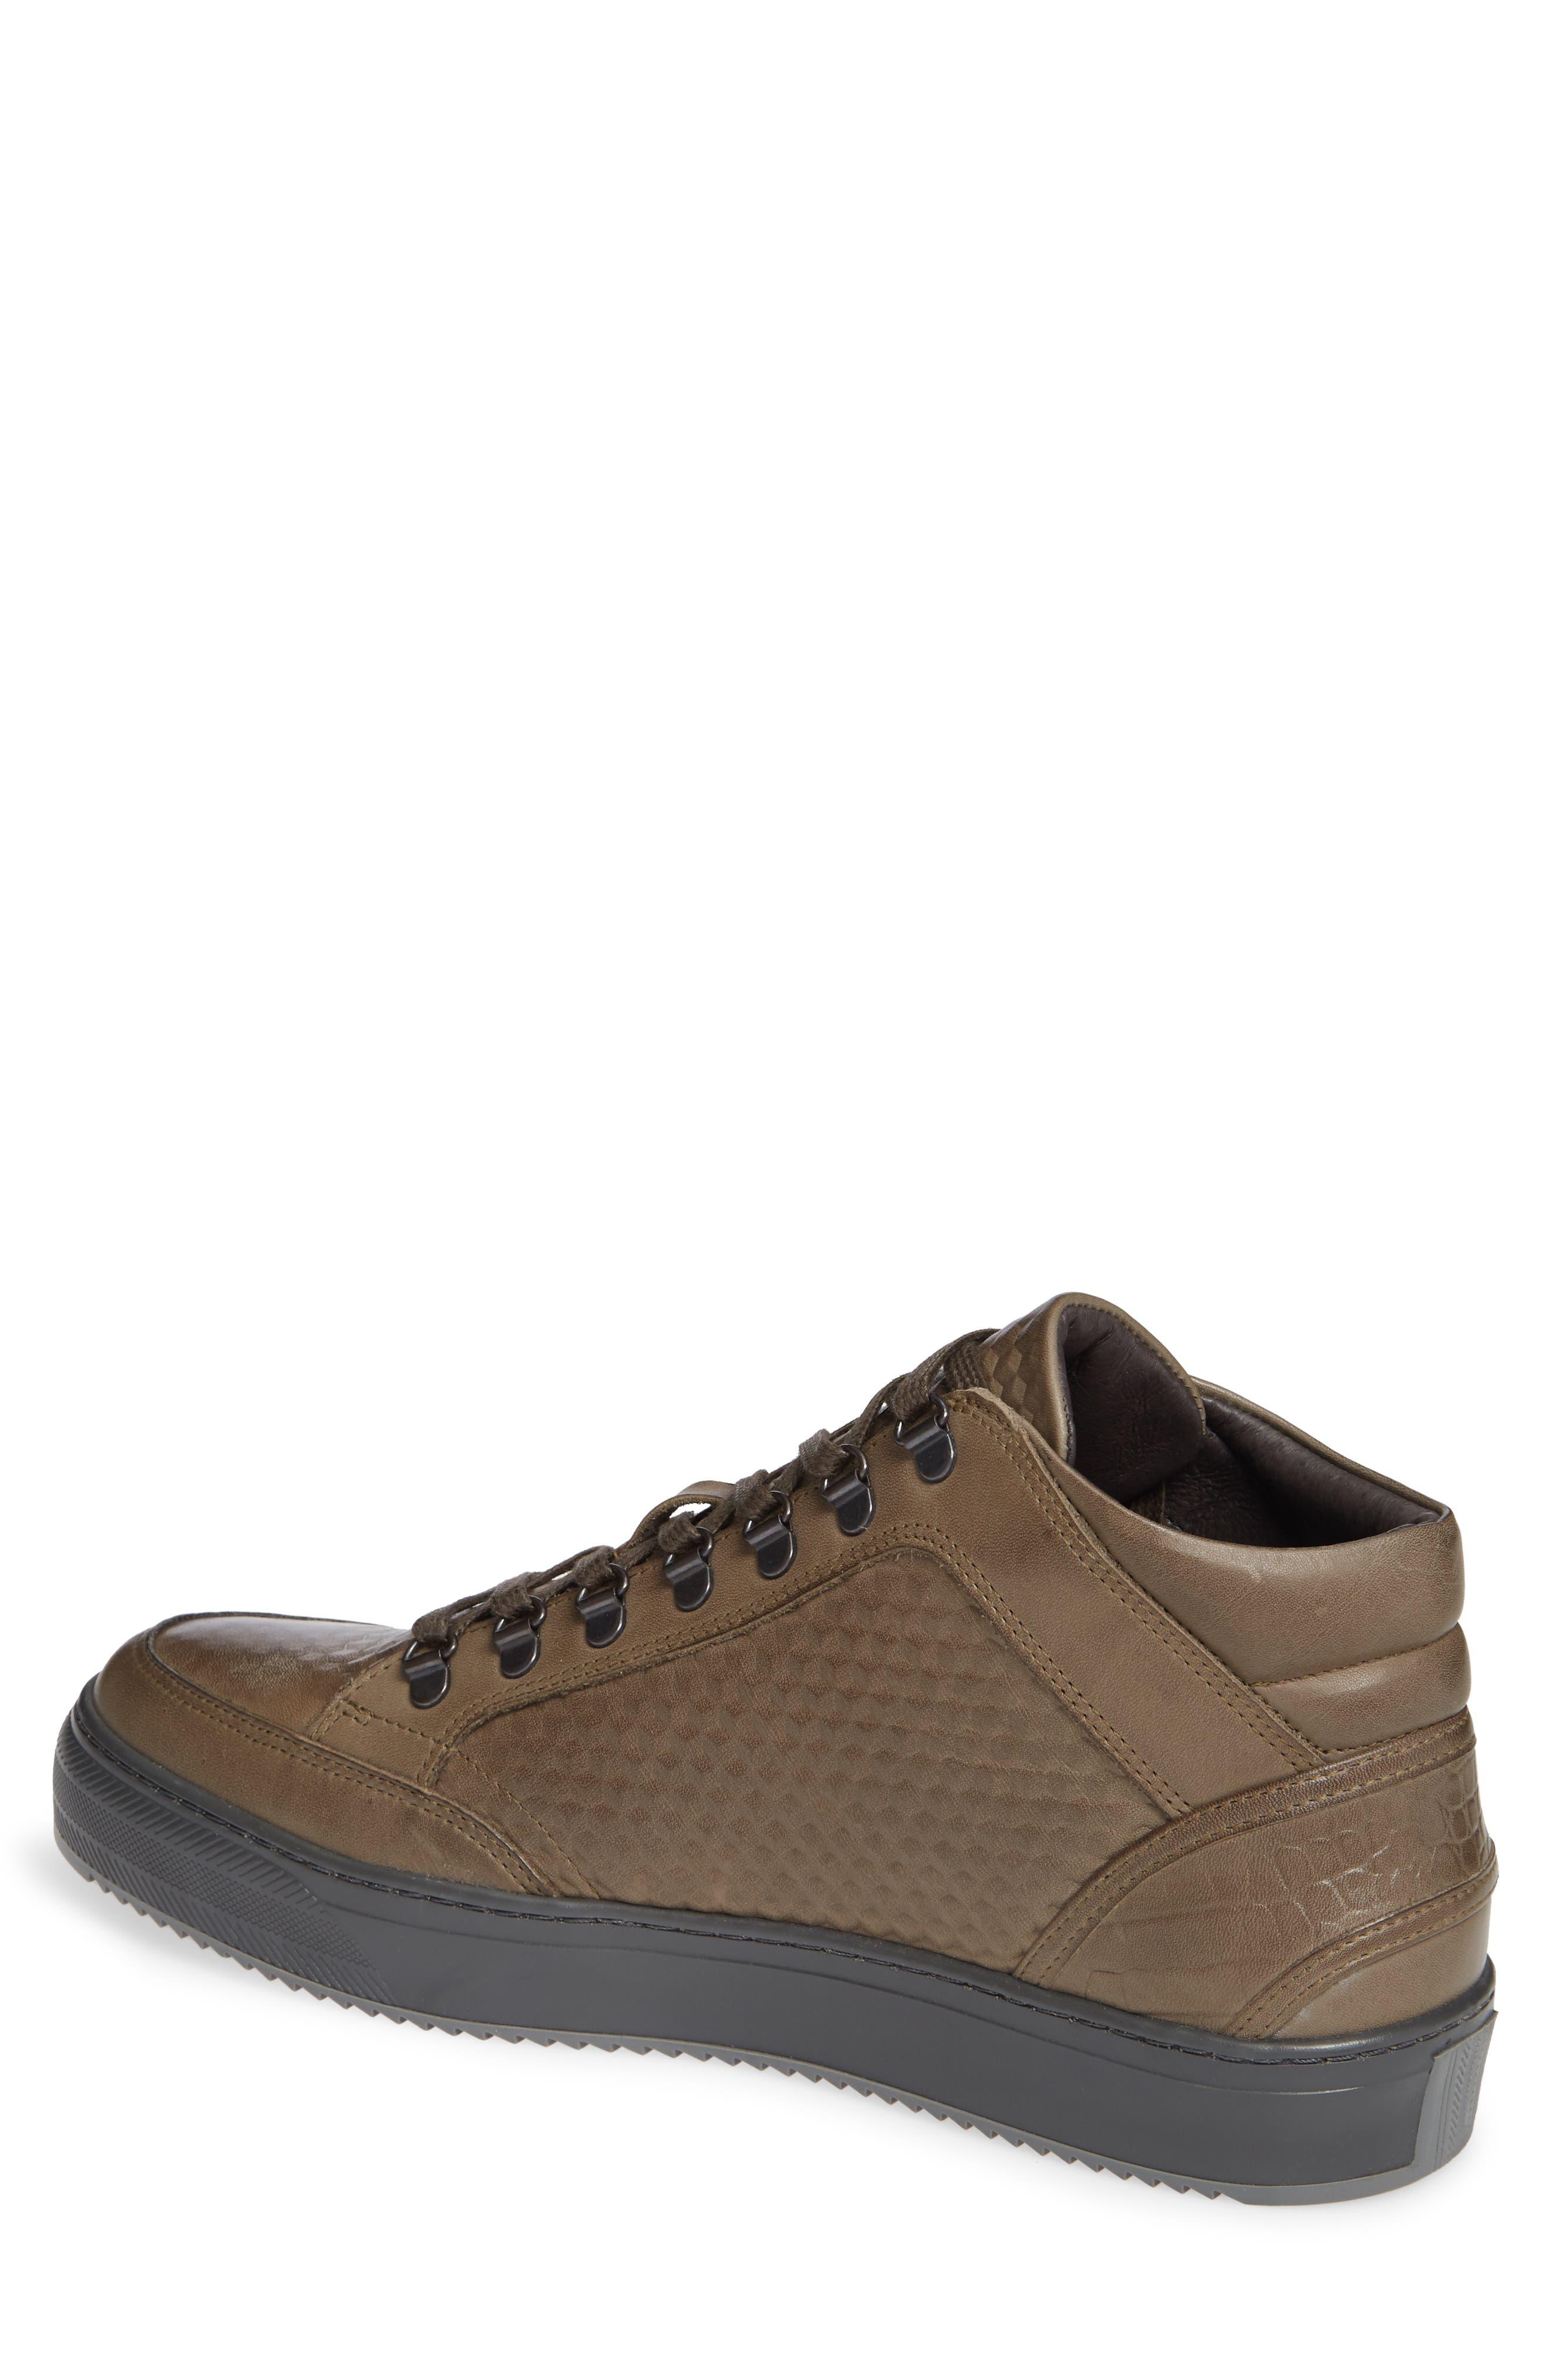 Houma Hooks Sneaker,                             Alternate thumbnail 2, color,                             MILITARY GREEN